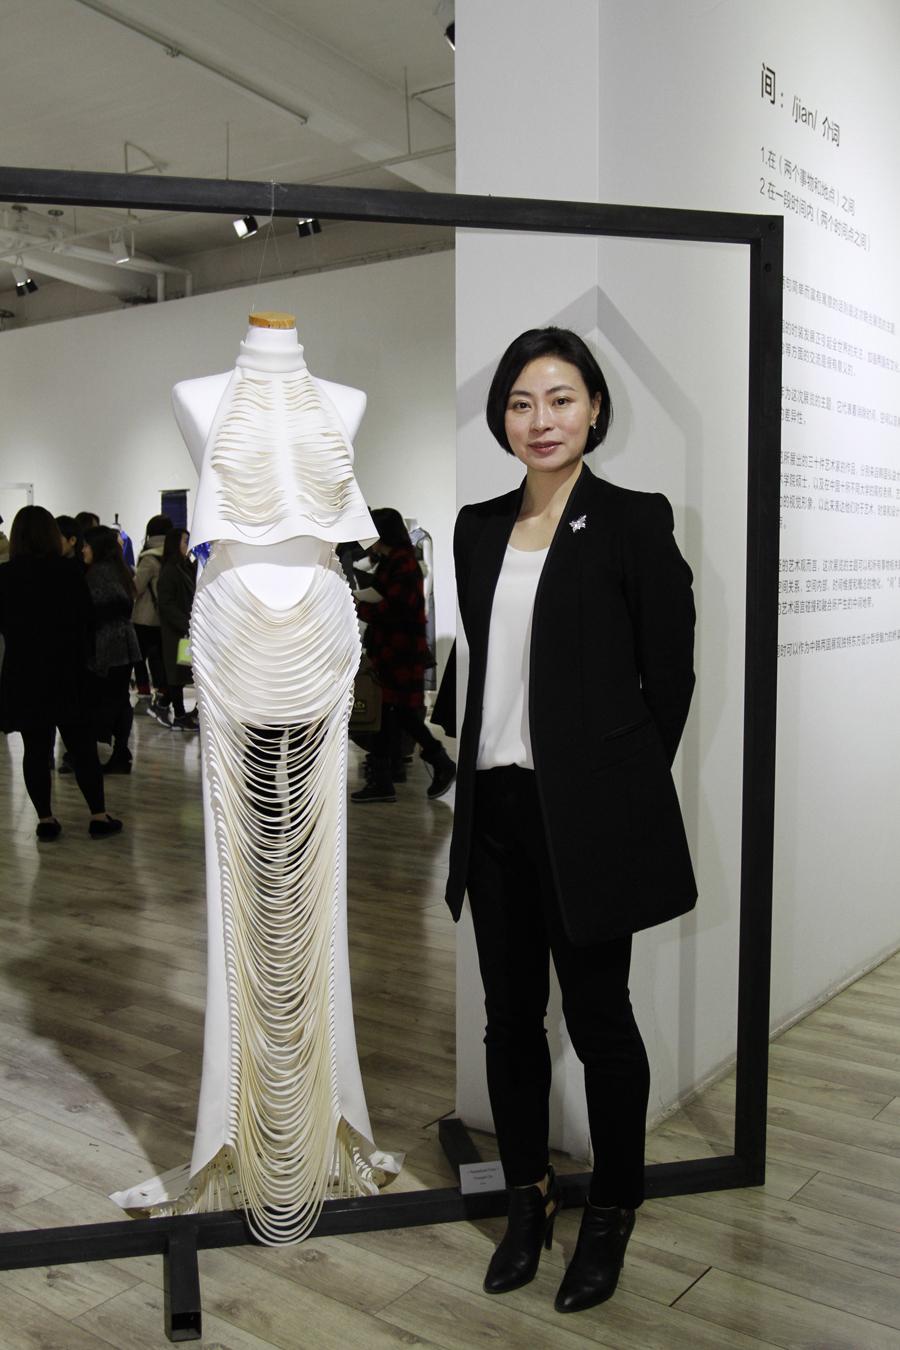 2015 Fashion Art hisheji 01 (1)